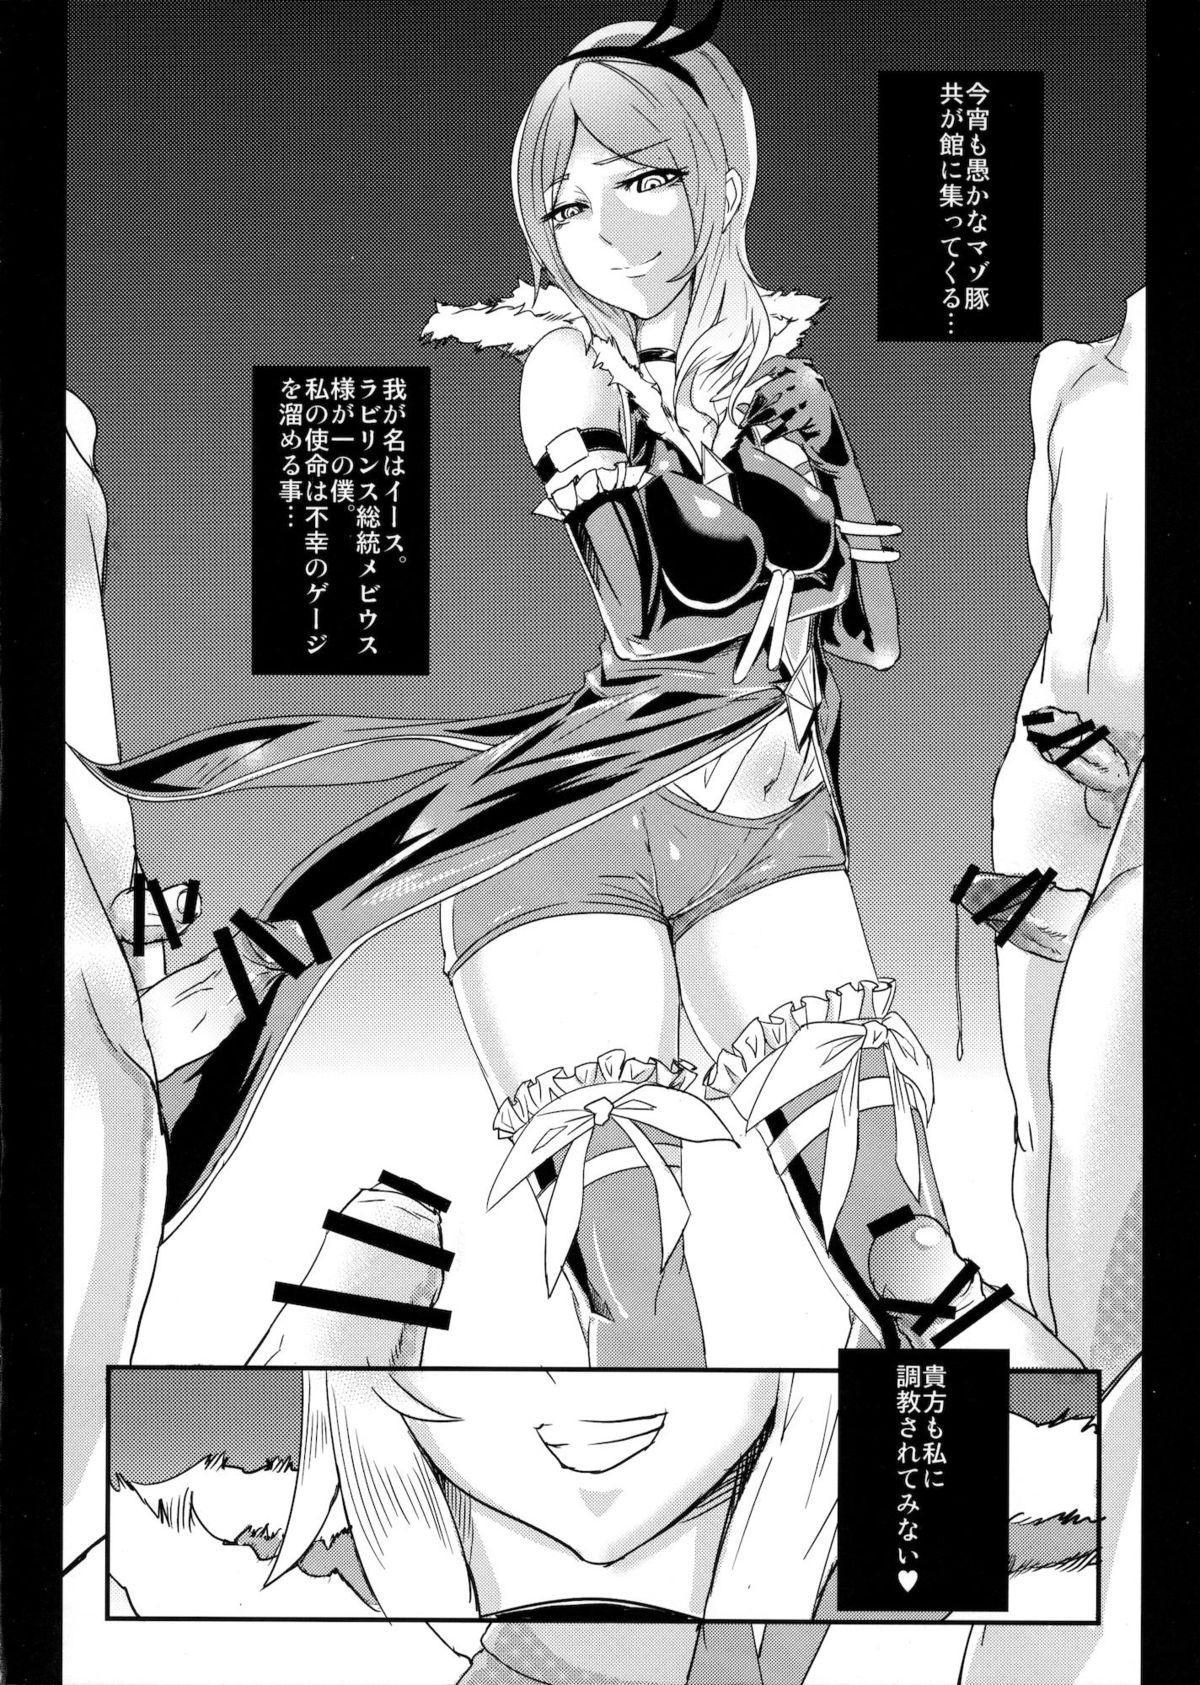 Eas-sama no Sakusei Jigoku 24